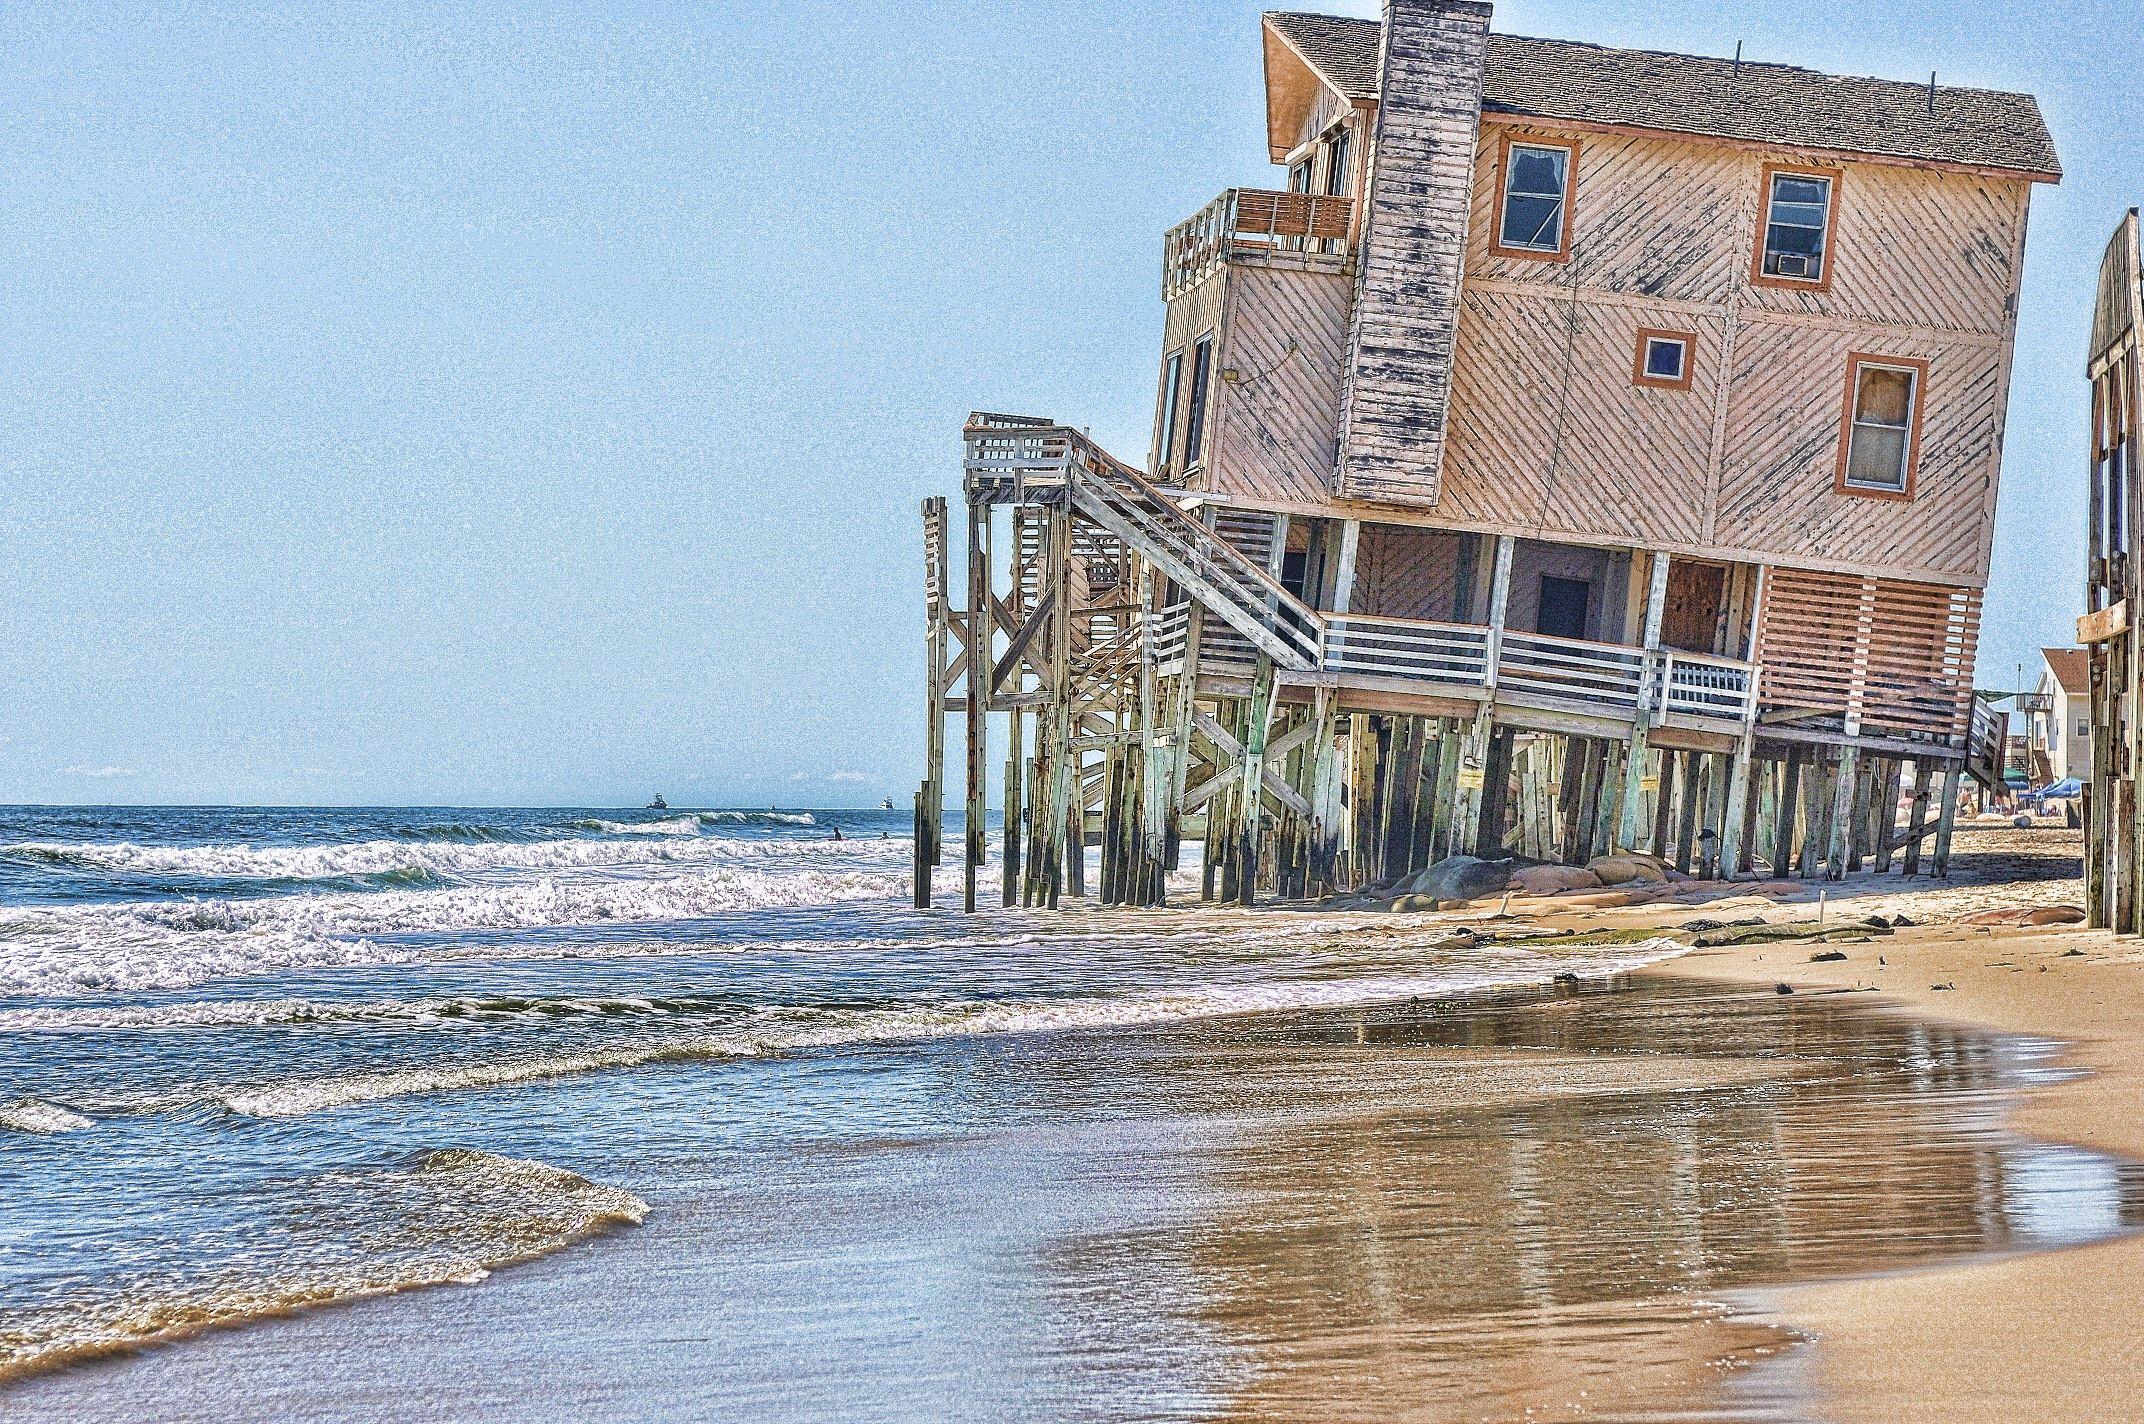 The Ruins At Nags Head Obx Vacation Outer Banks North Carolina Outer Banks Nc